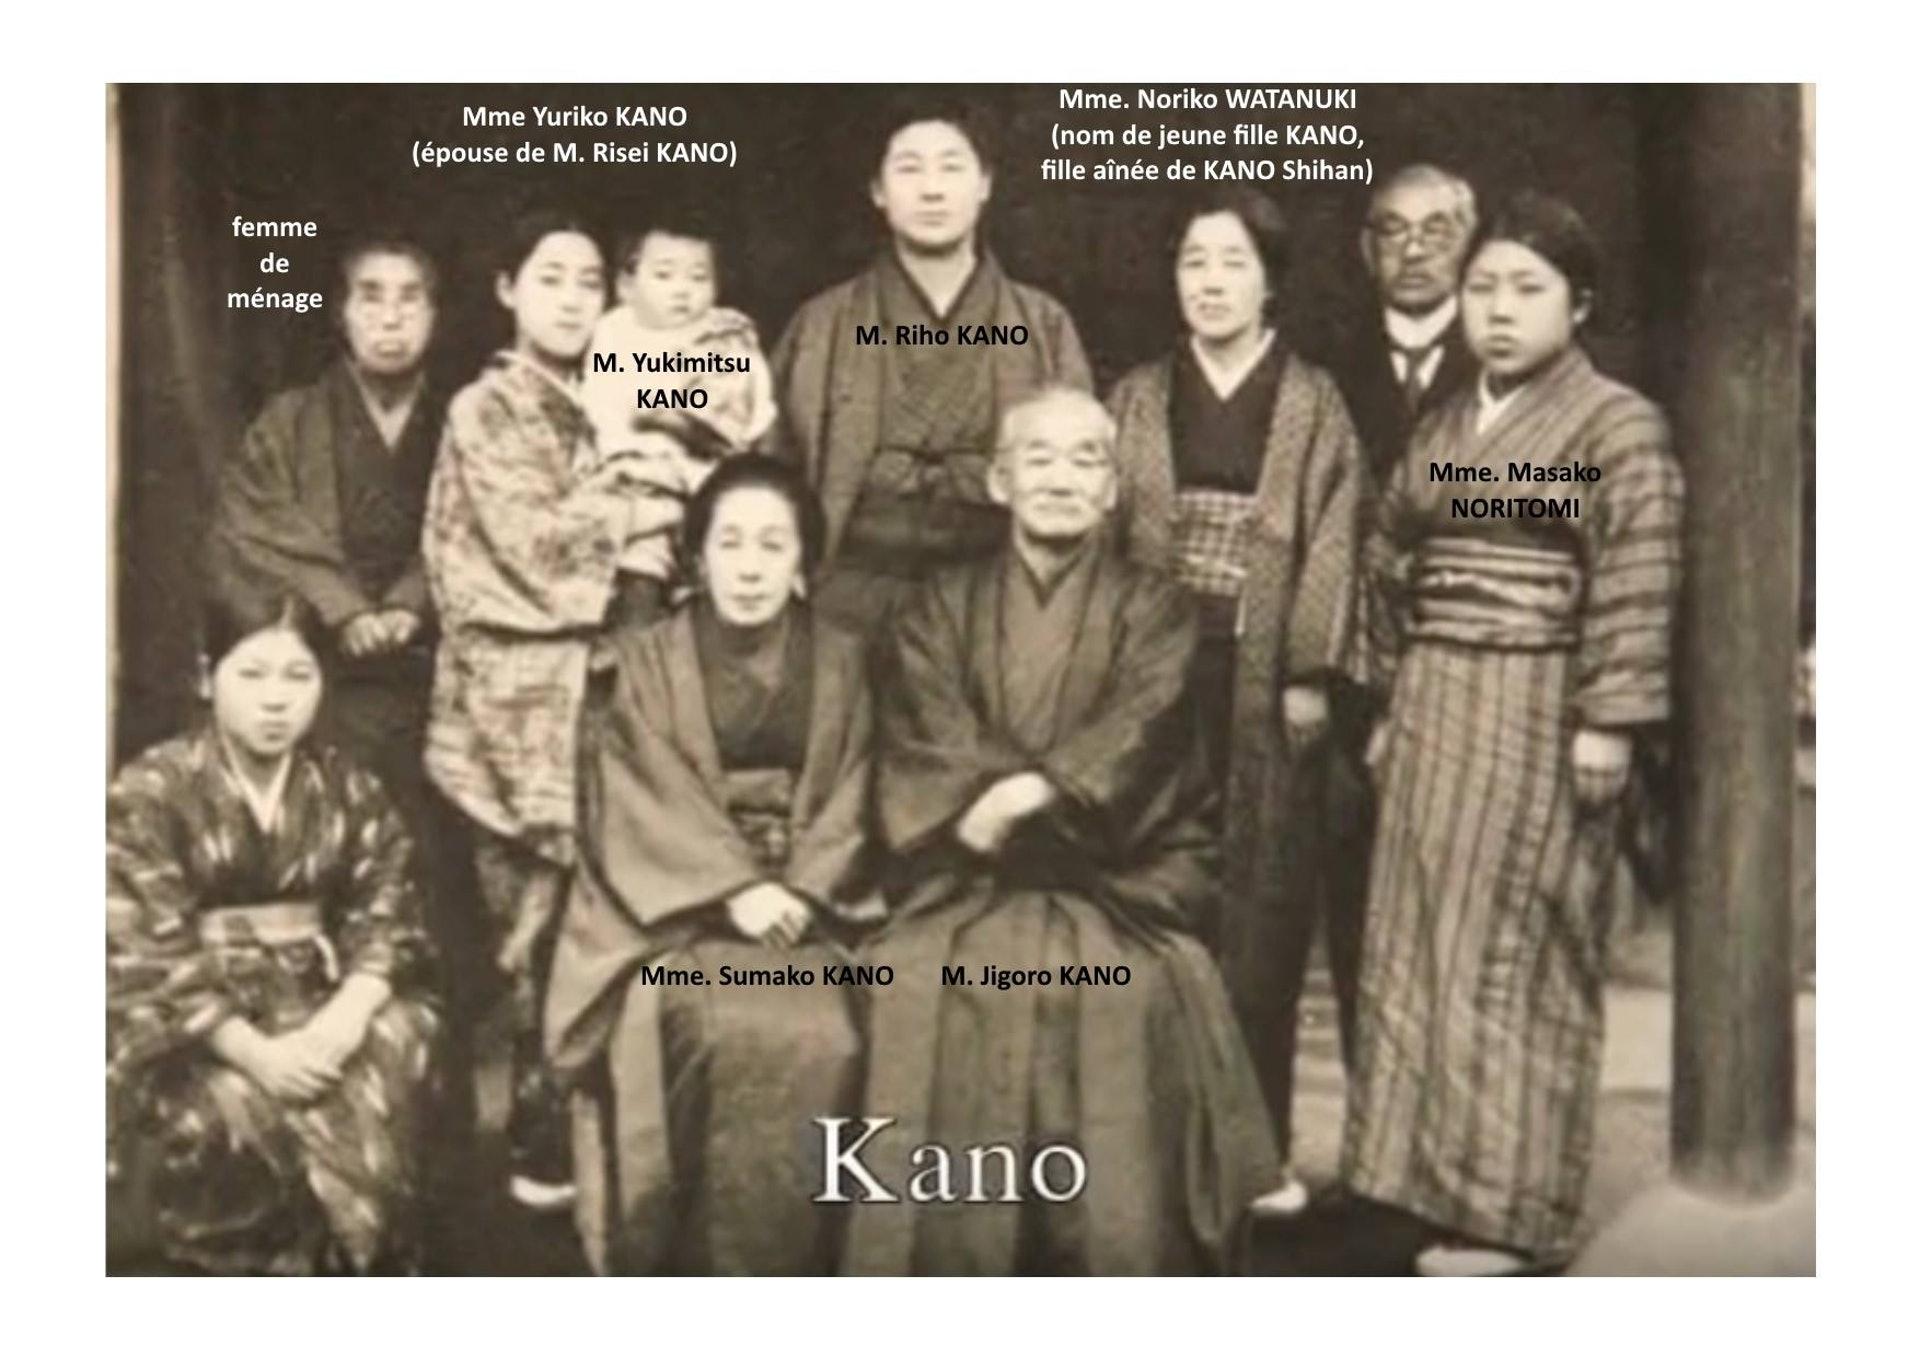 嘉納治五郎家庭照中,手抱嬰兒便是嘉納行光。(網上圖片)